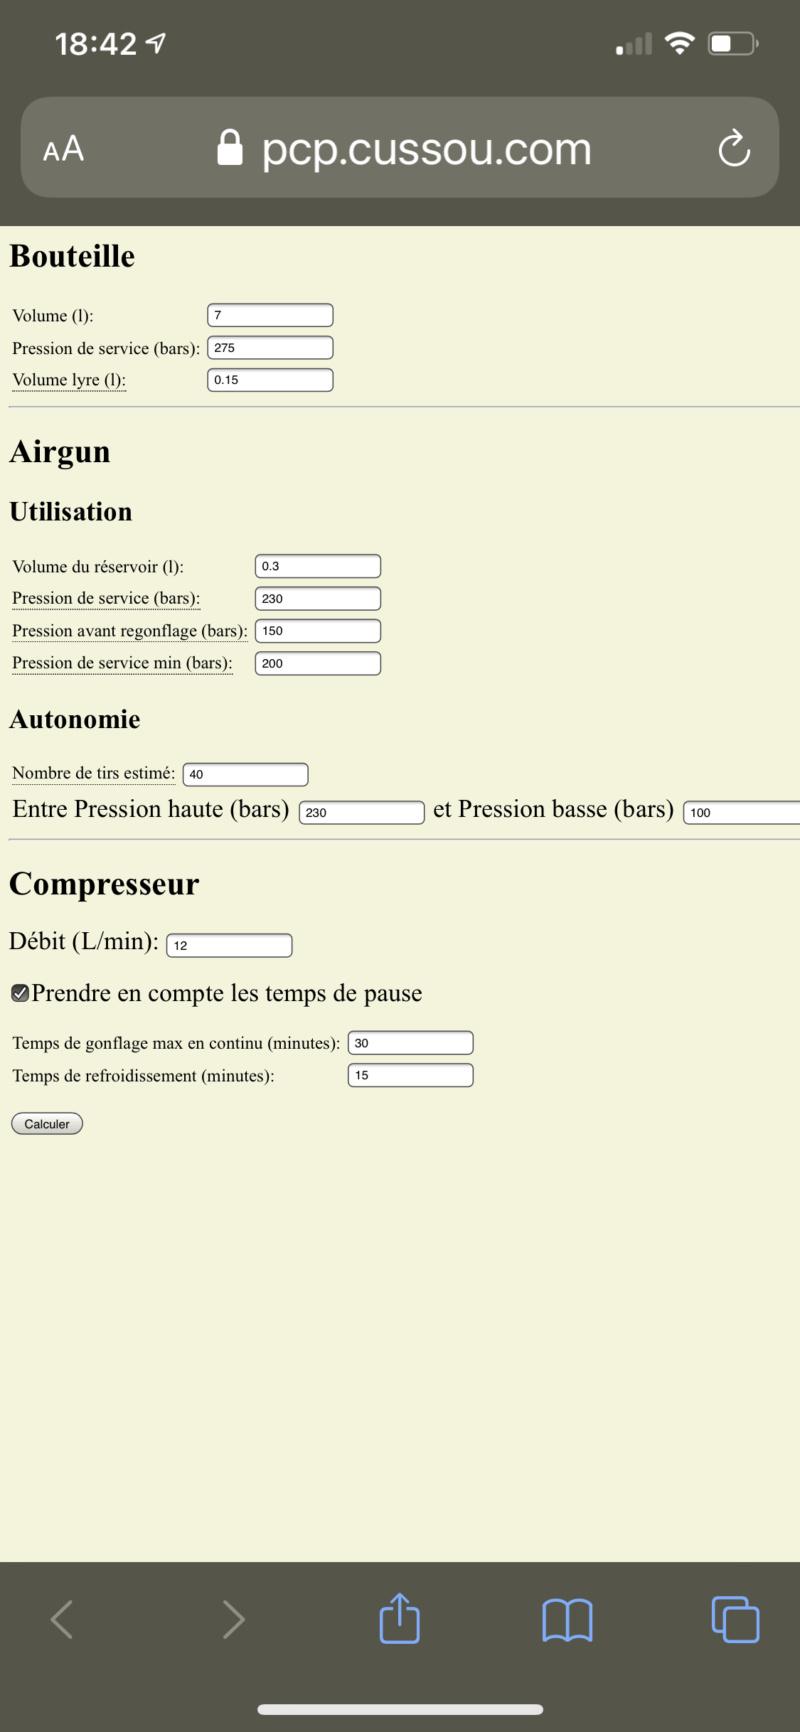 PCP: calculateur du nombre de remplissages/gonflages avec une bouteille - Page 5 F297a910